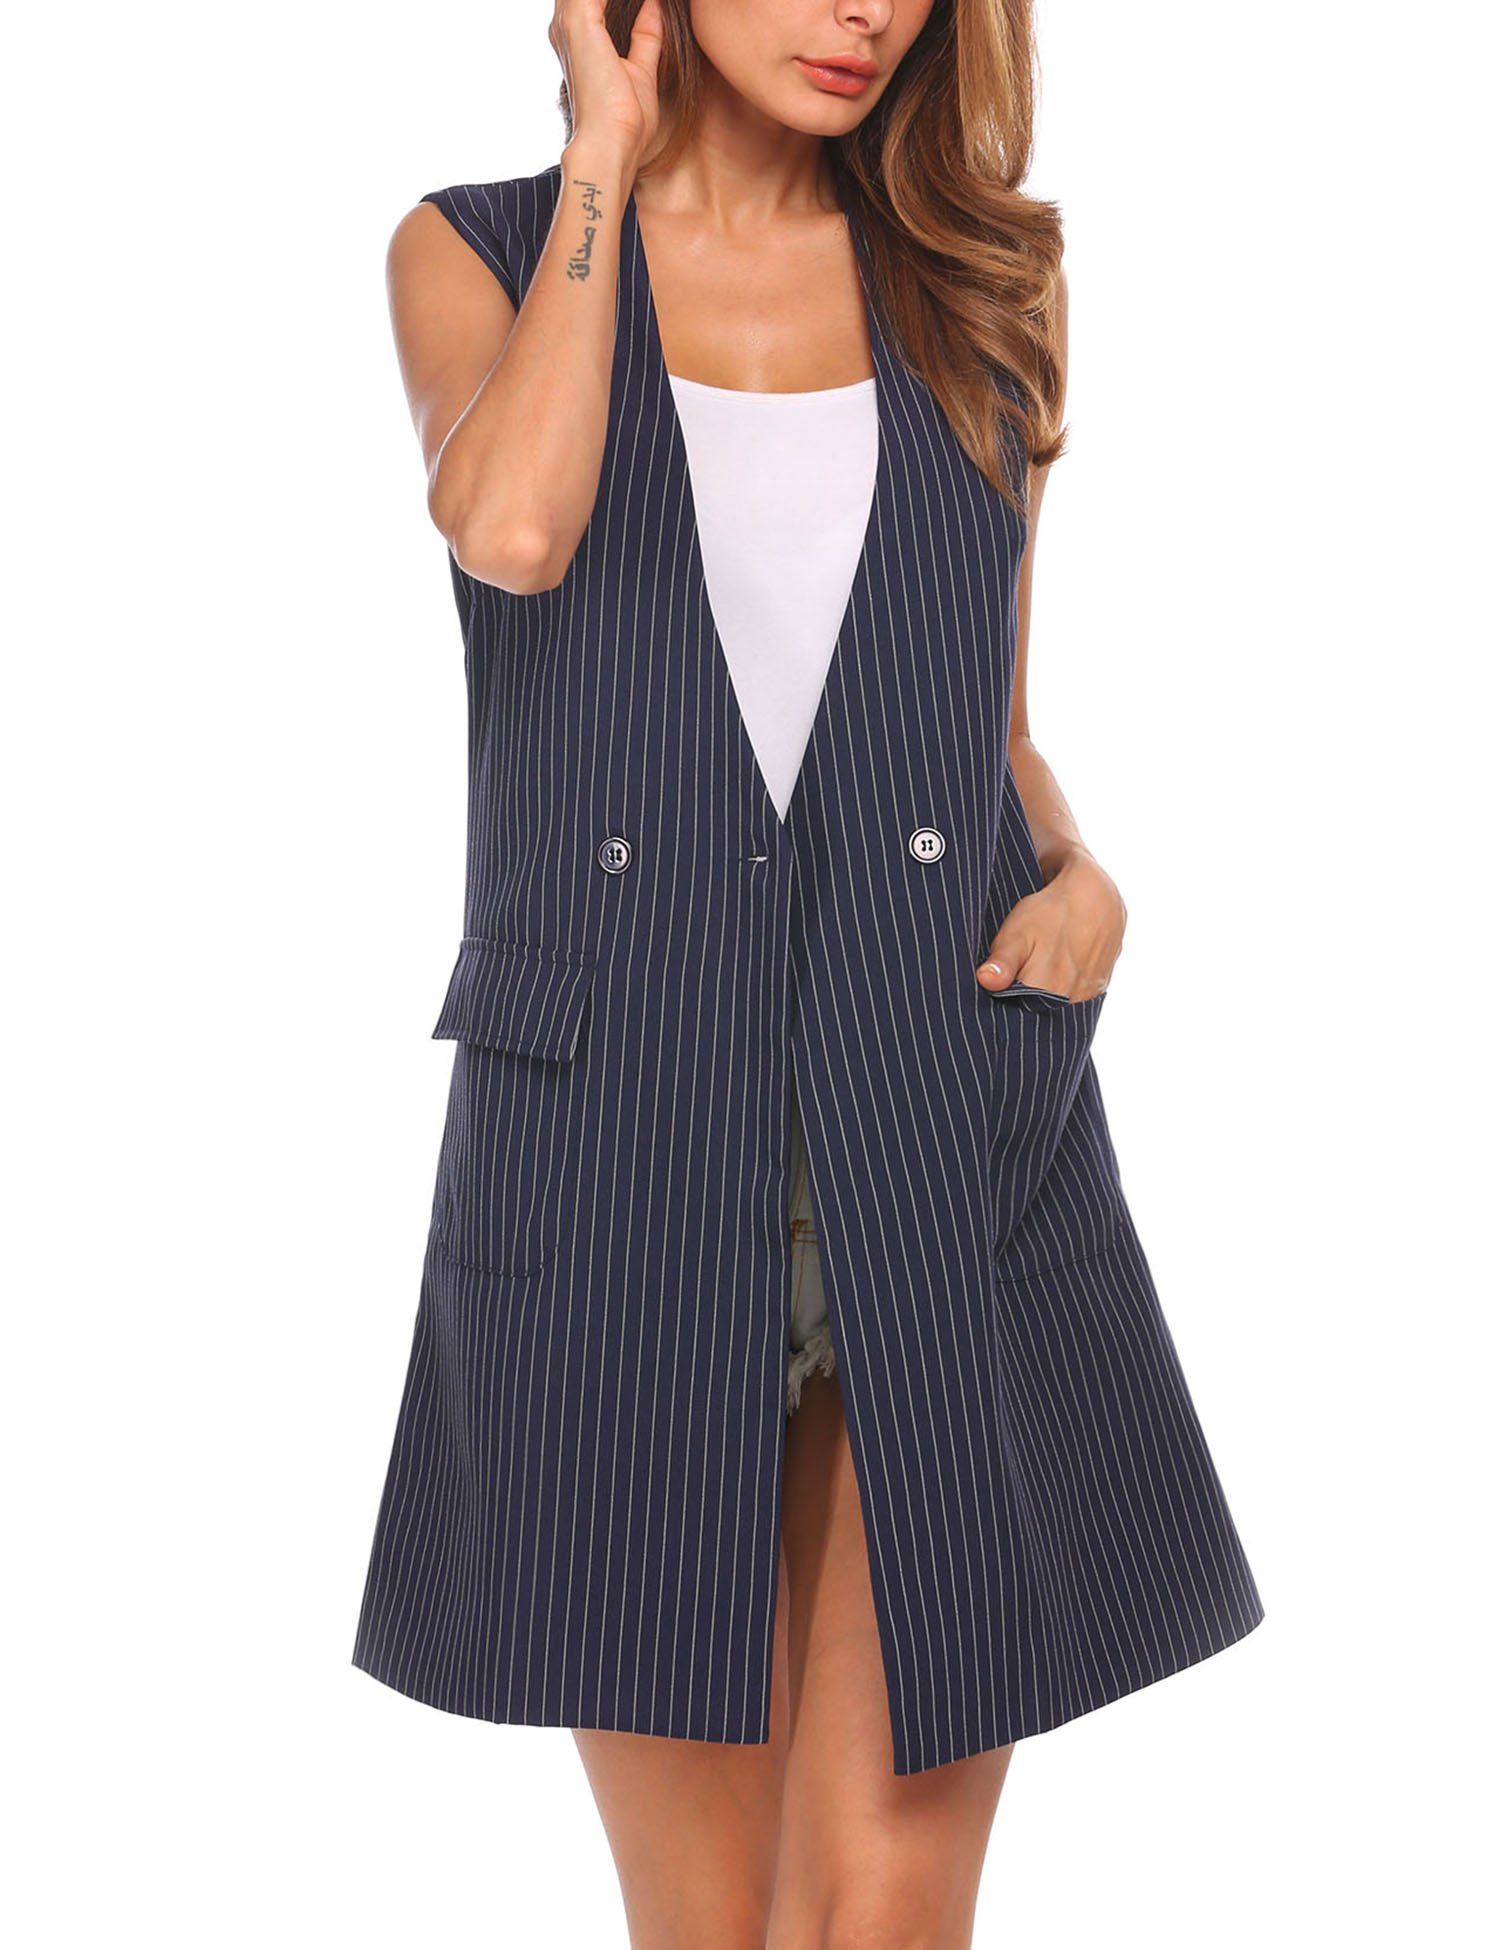 Zeagoo Women's Oversized Open Blazer Striped Suit Vest Longline Sleeveless Waistcoat Jacket Coat,Navy Blue,Large